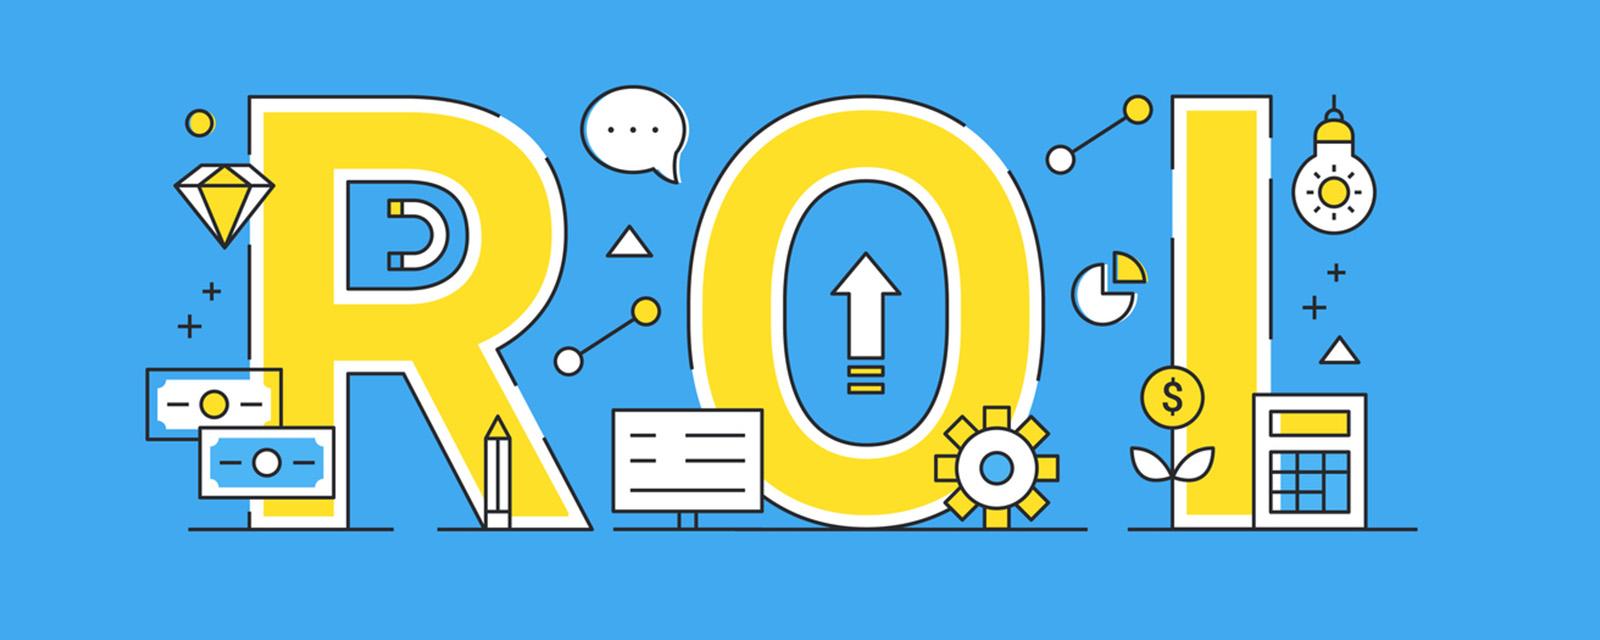 Cómo calcular el ROI o retorno de la inversión de forma fácil